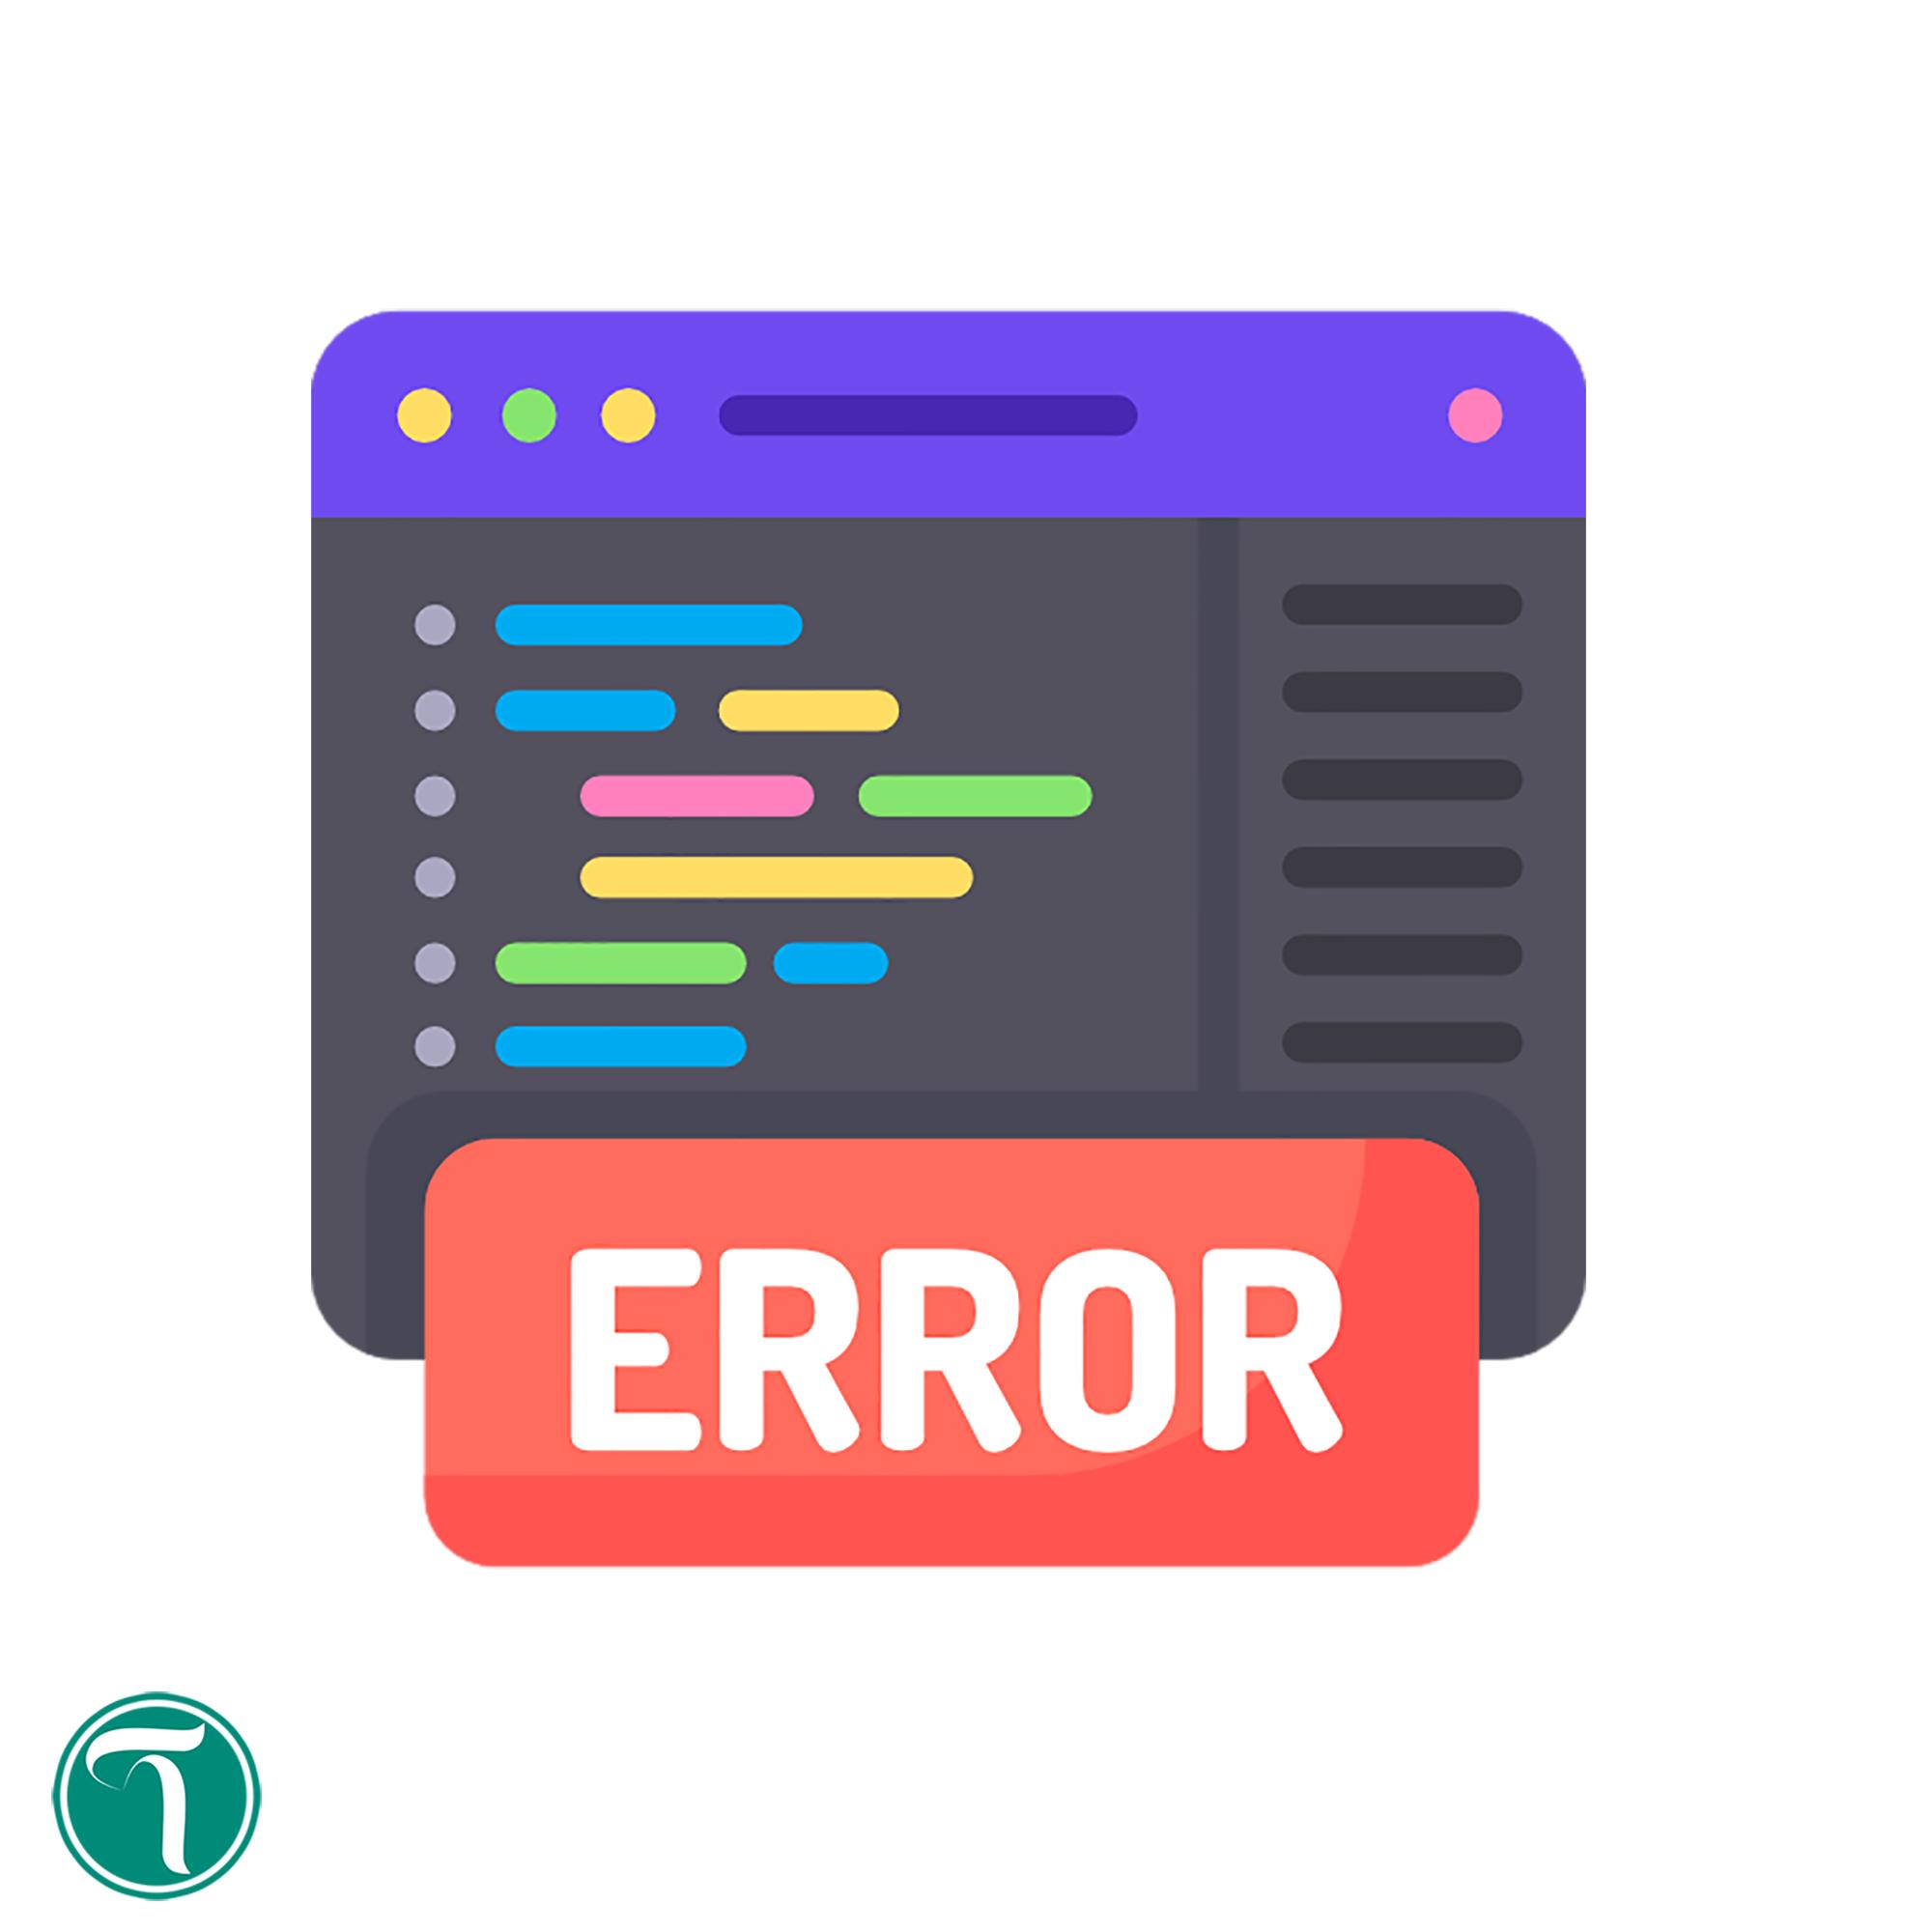 آموزش رفع خطای Access-Control-Allow-Origin